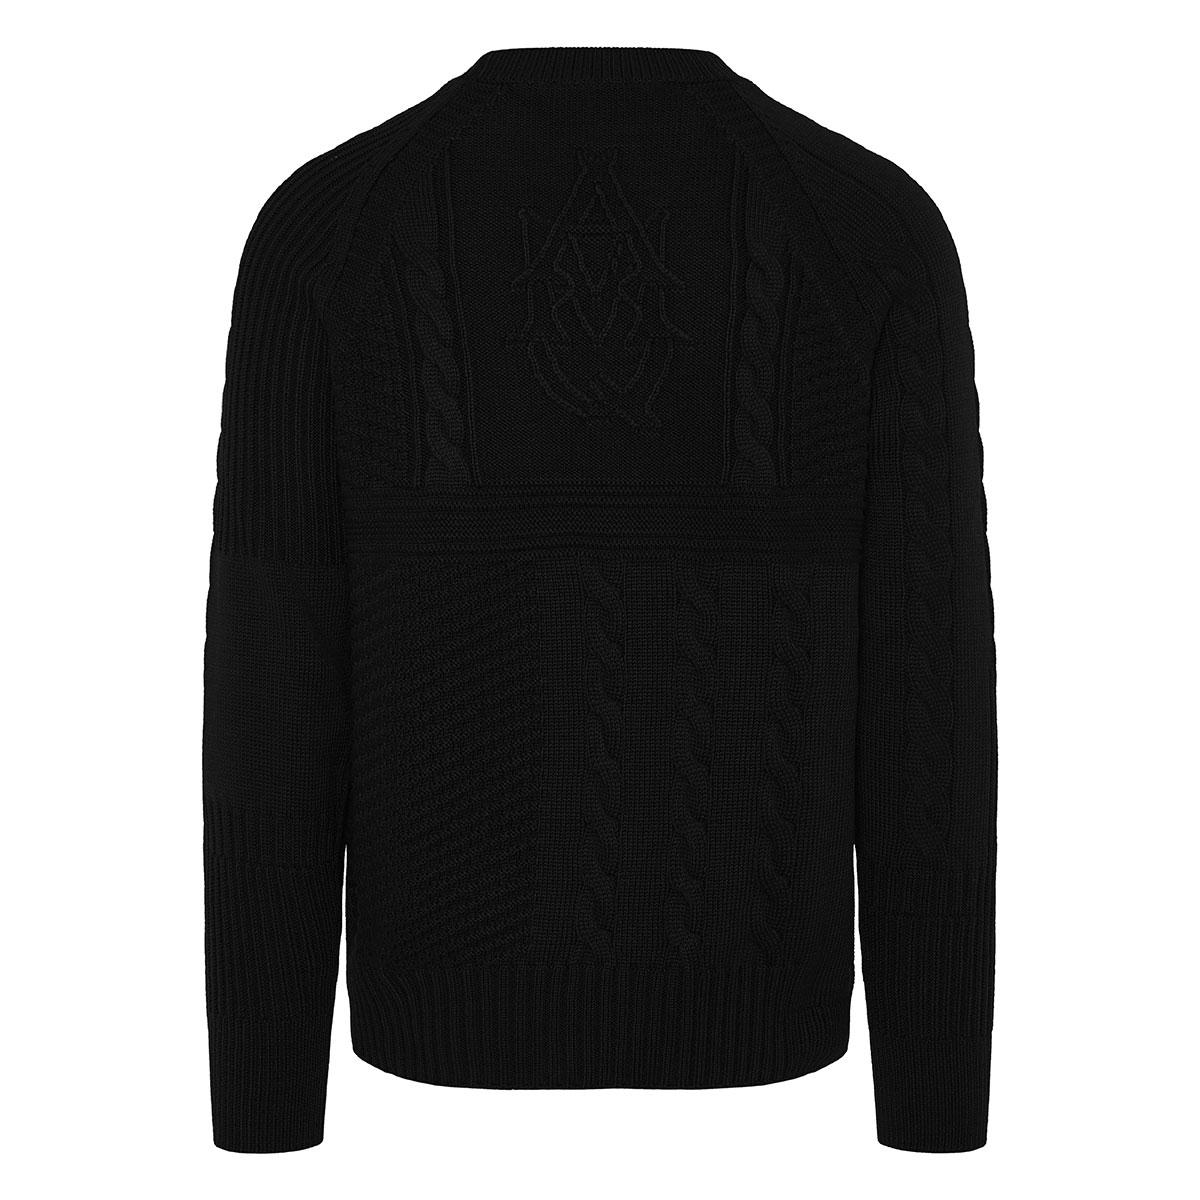 Textured skull sweater